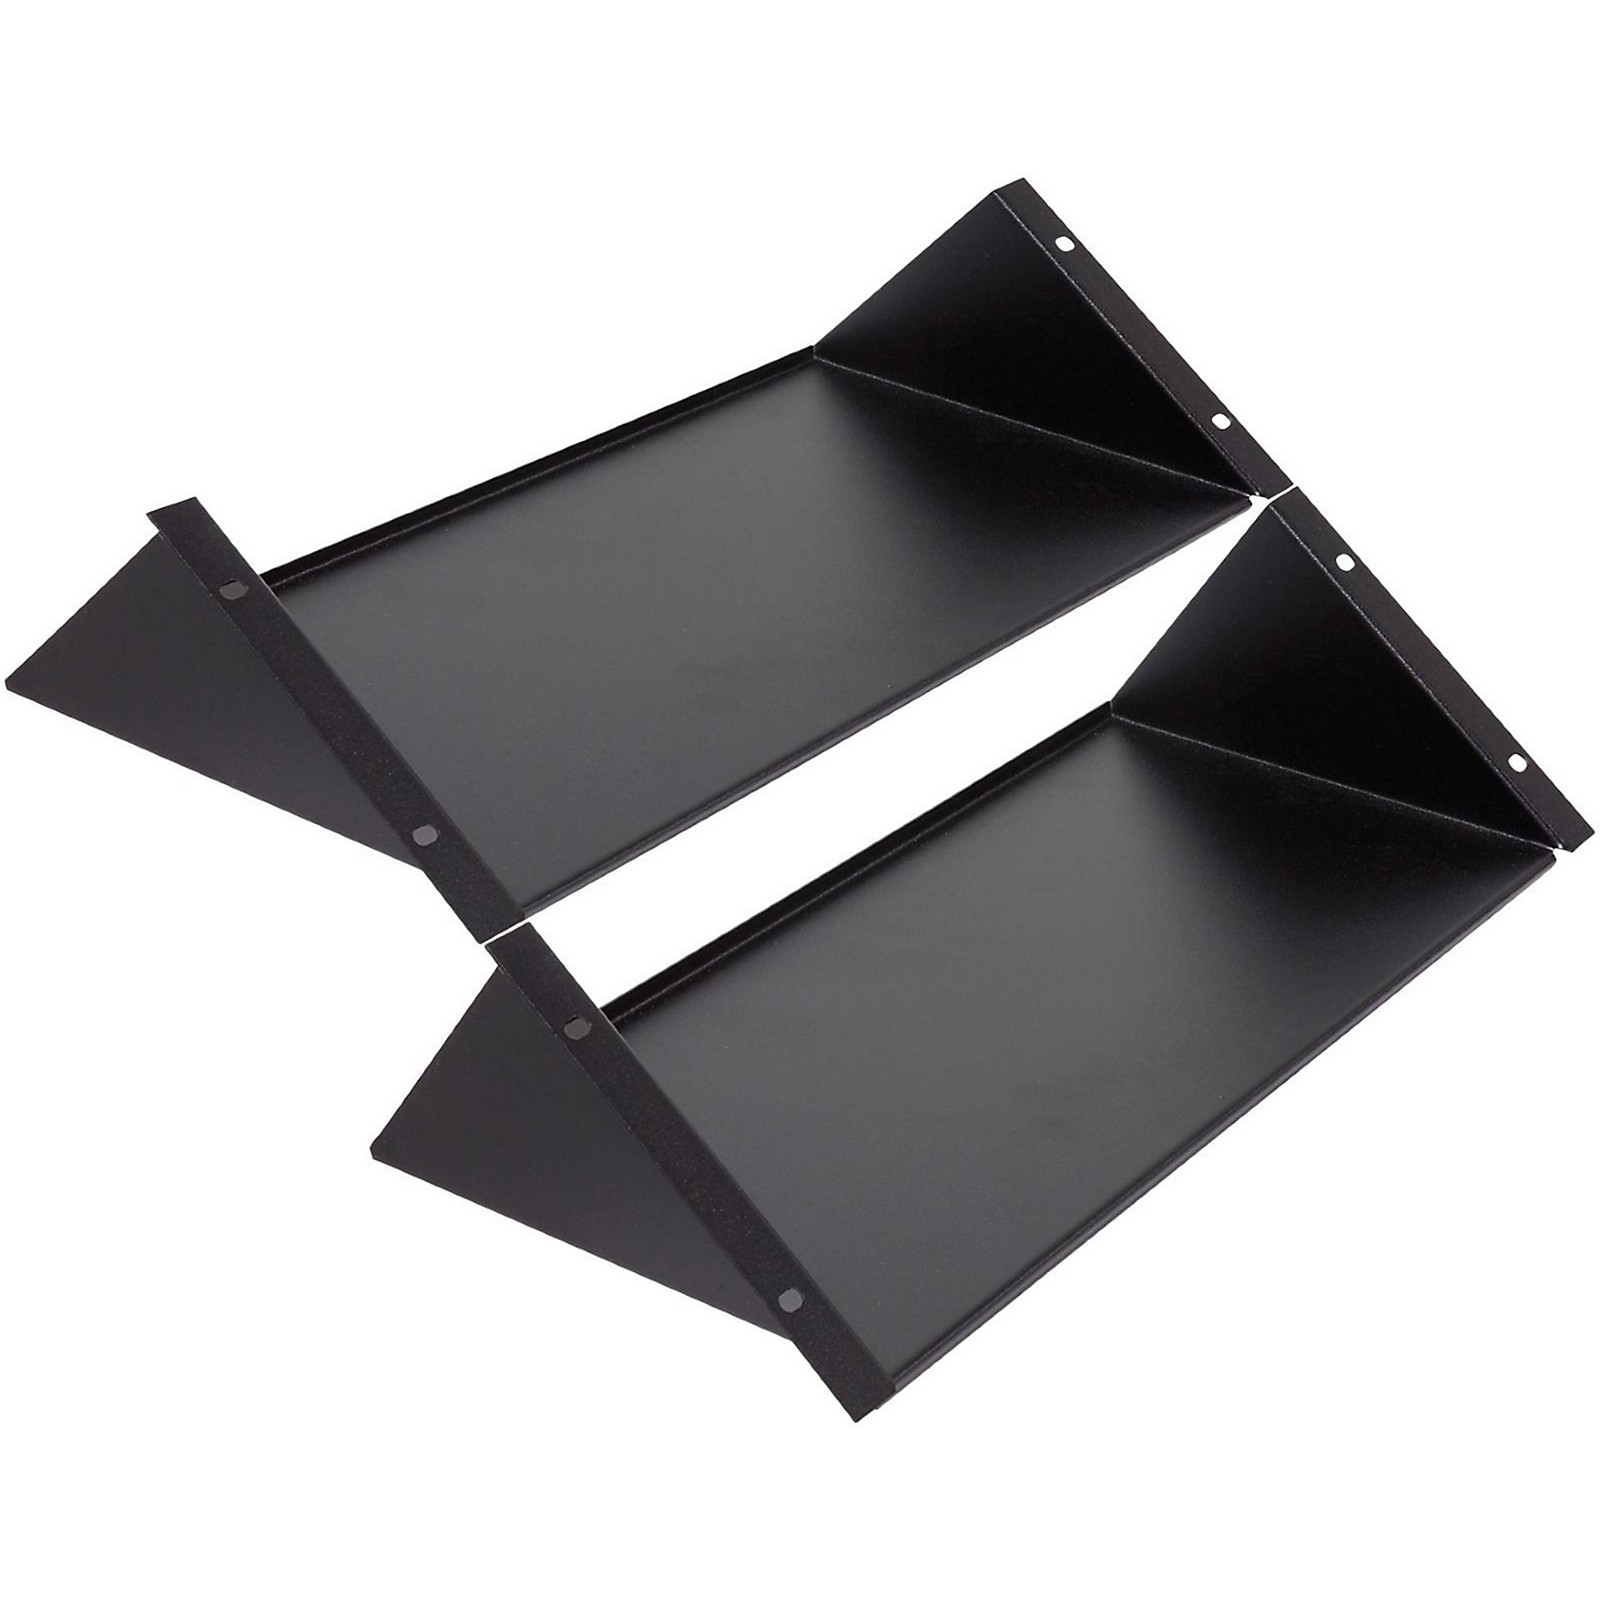 Argosy Halo Rack Shelf - Black - Set of 2